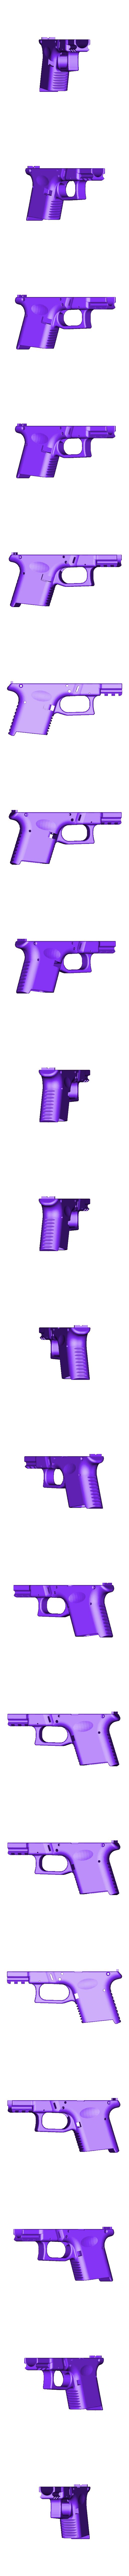 Free Mans G26.stl Télécharger fichier STL gratuit Glock 26 g26 • Design à imprimer en 3D, idy26